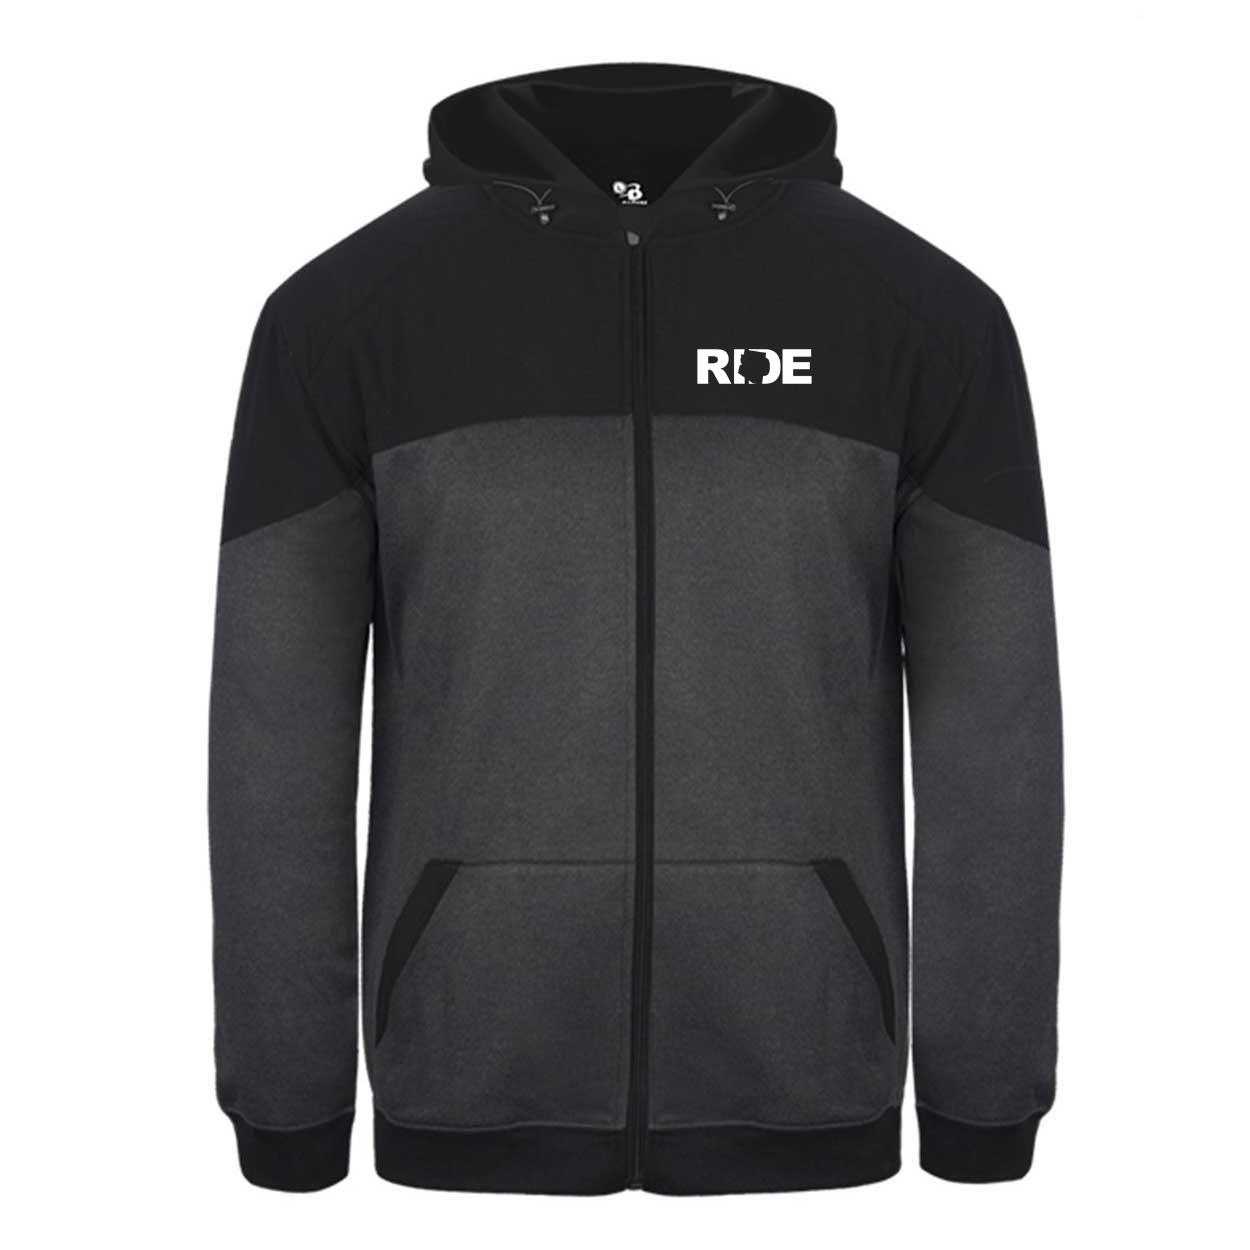 Ride Arizona Classic Vindicator Jacket Carbon Heather/Black (White Logo)